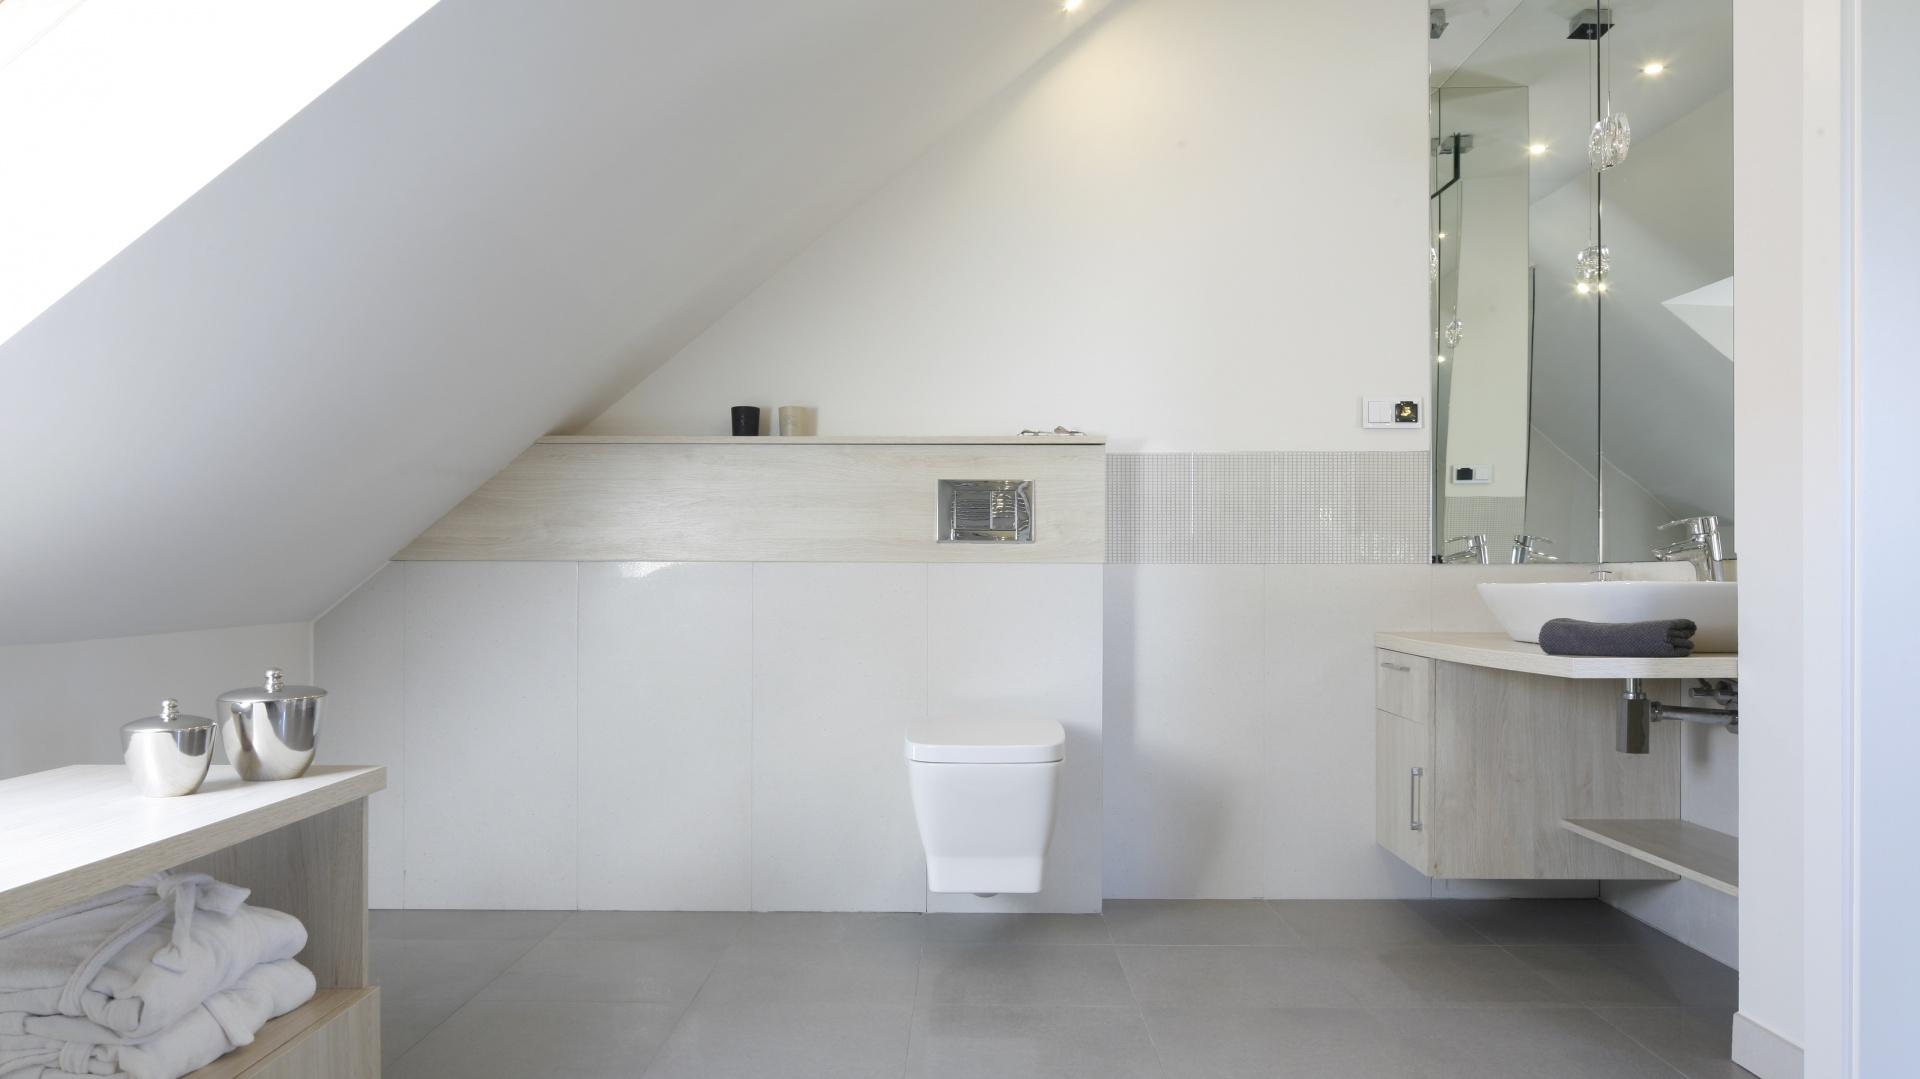 Biała łazienka na poddaszu...  Jasna łazienka. 15 pomysłów na piękne wnętrze  Strona: 10